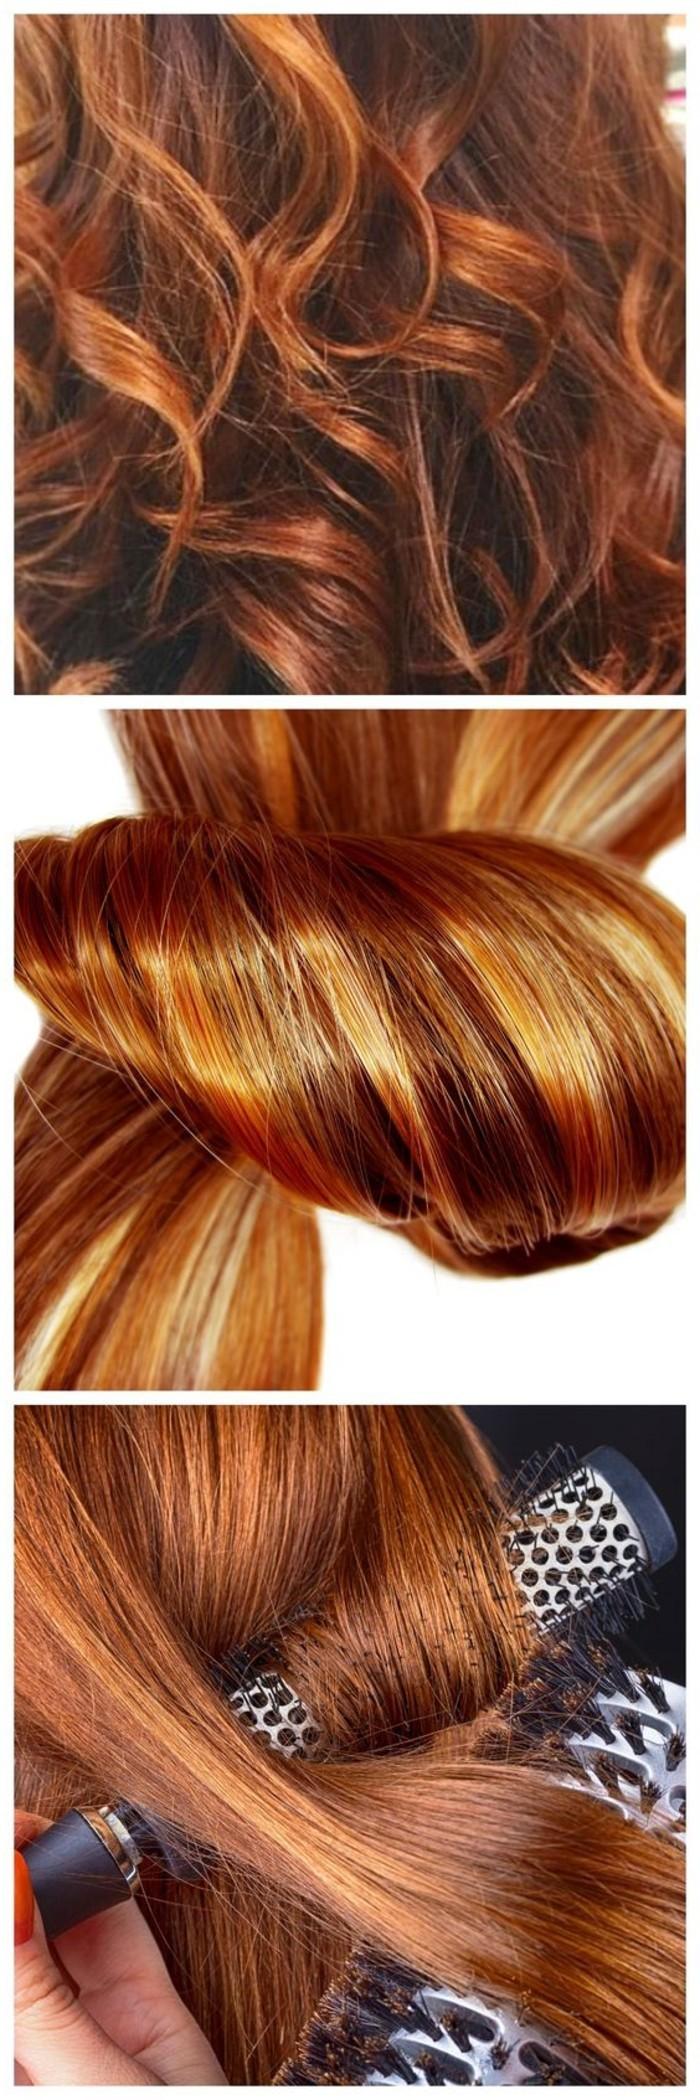 Strähnen Blond Braun Kupfer Welche Haarfarbe Passt Zu Mir Wir